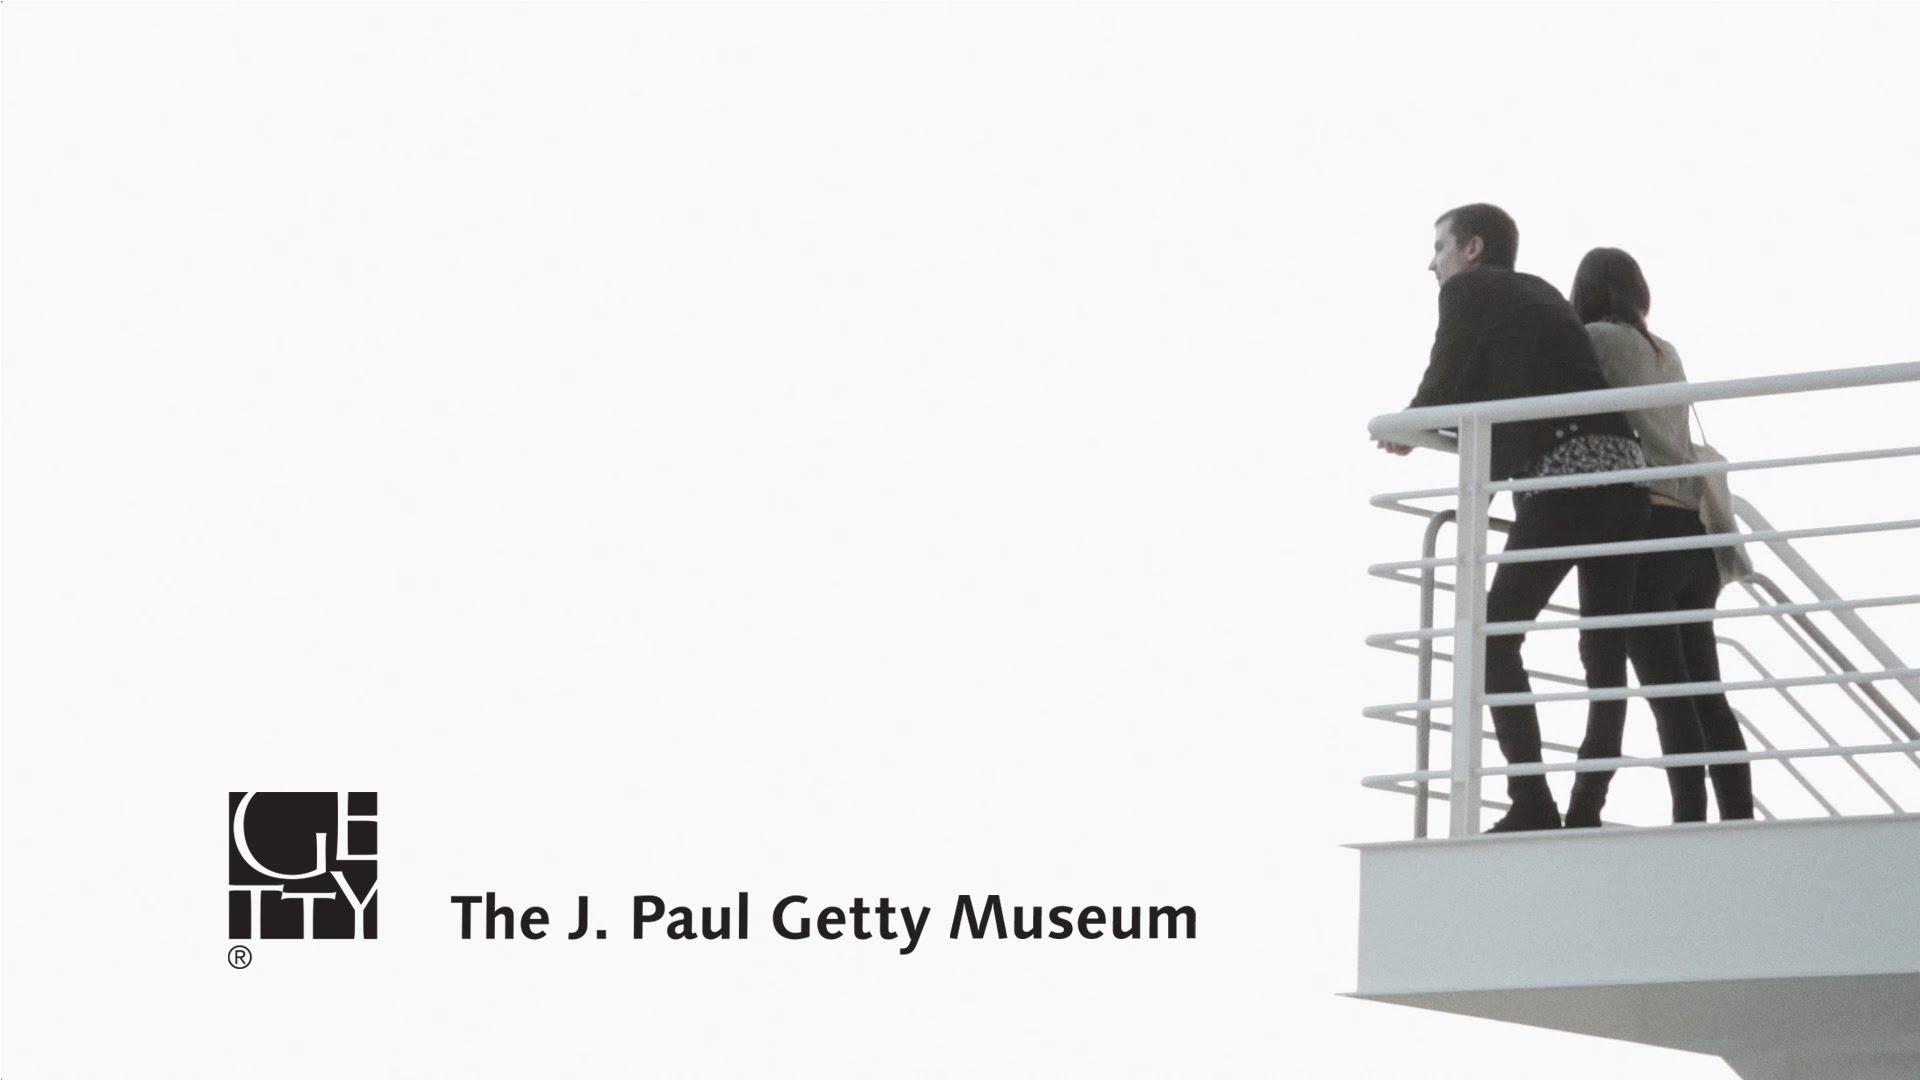 「【博物館巡り】アメリカ、J・ポール・ゲティ美術館」- The J. Paul Getty Museum